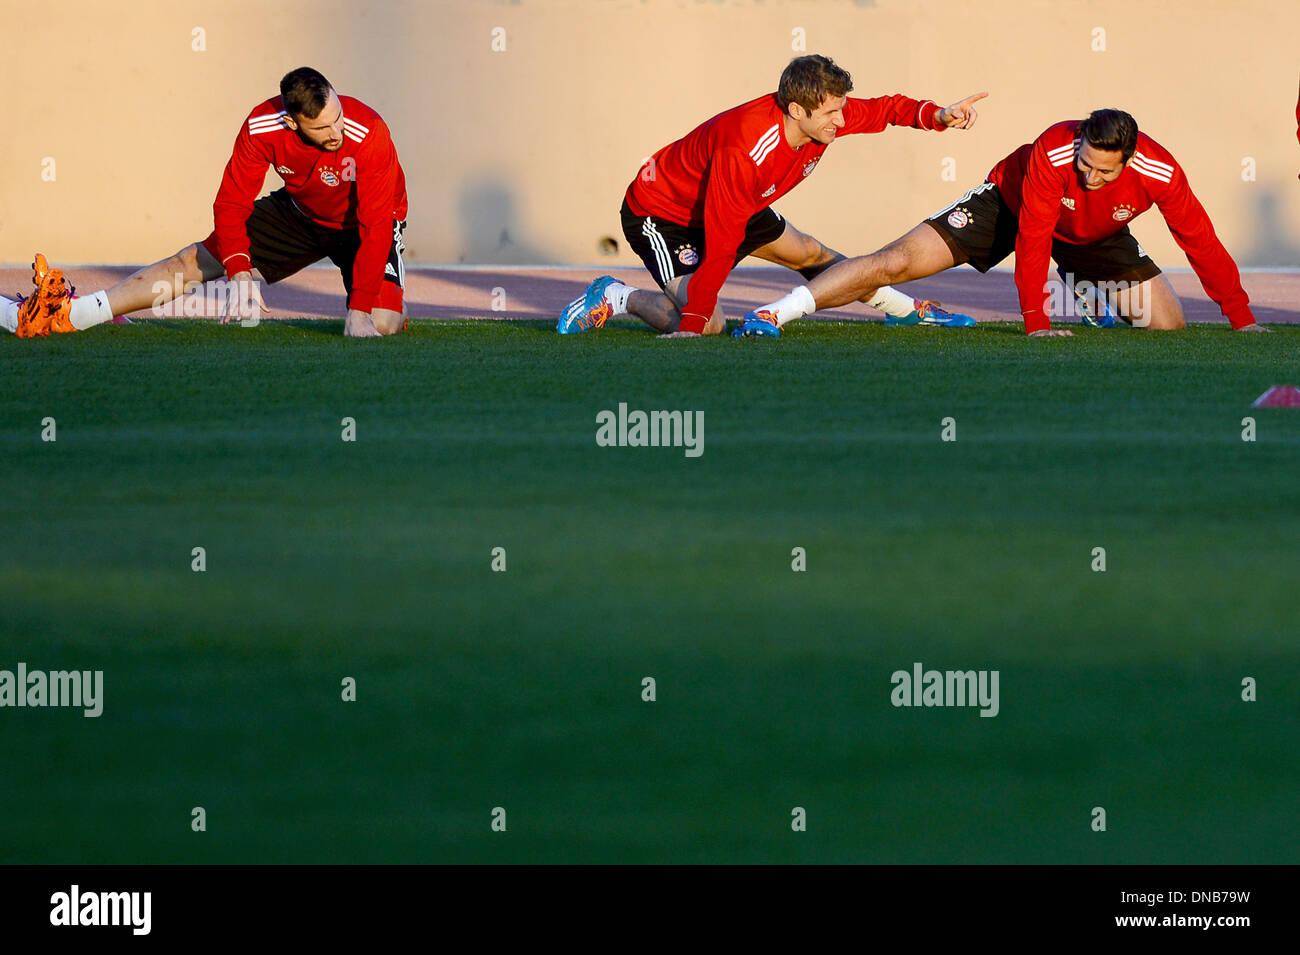 """Marrakech, Marocco. Xx Dec, 2013. Diego Contento (l-r), Thomas Mueller e Claudio Pizarro prendere parte in FC Bayern Monaco di Baviera la sessione di training presso lo stadio 'stade de Marrakech """" a Marrakech, in Marocco, il 20 dicembre 2013. FC Bayern Monaco avrà luogo il Raja Casablanca nel finale del Club di Coppa del Mondo a 21 dicembre 2013. Foto: DAVID EBENER/dpa/Alamy Live News Immagini Stock"""